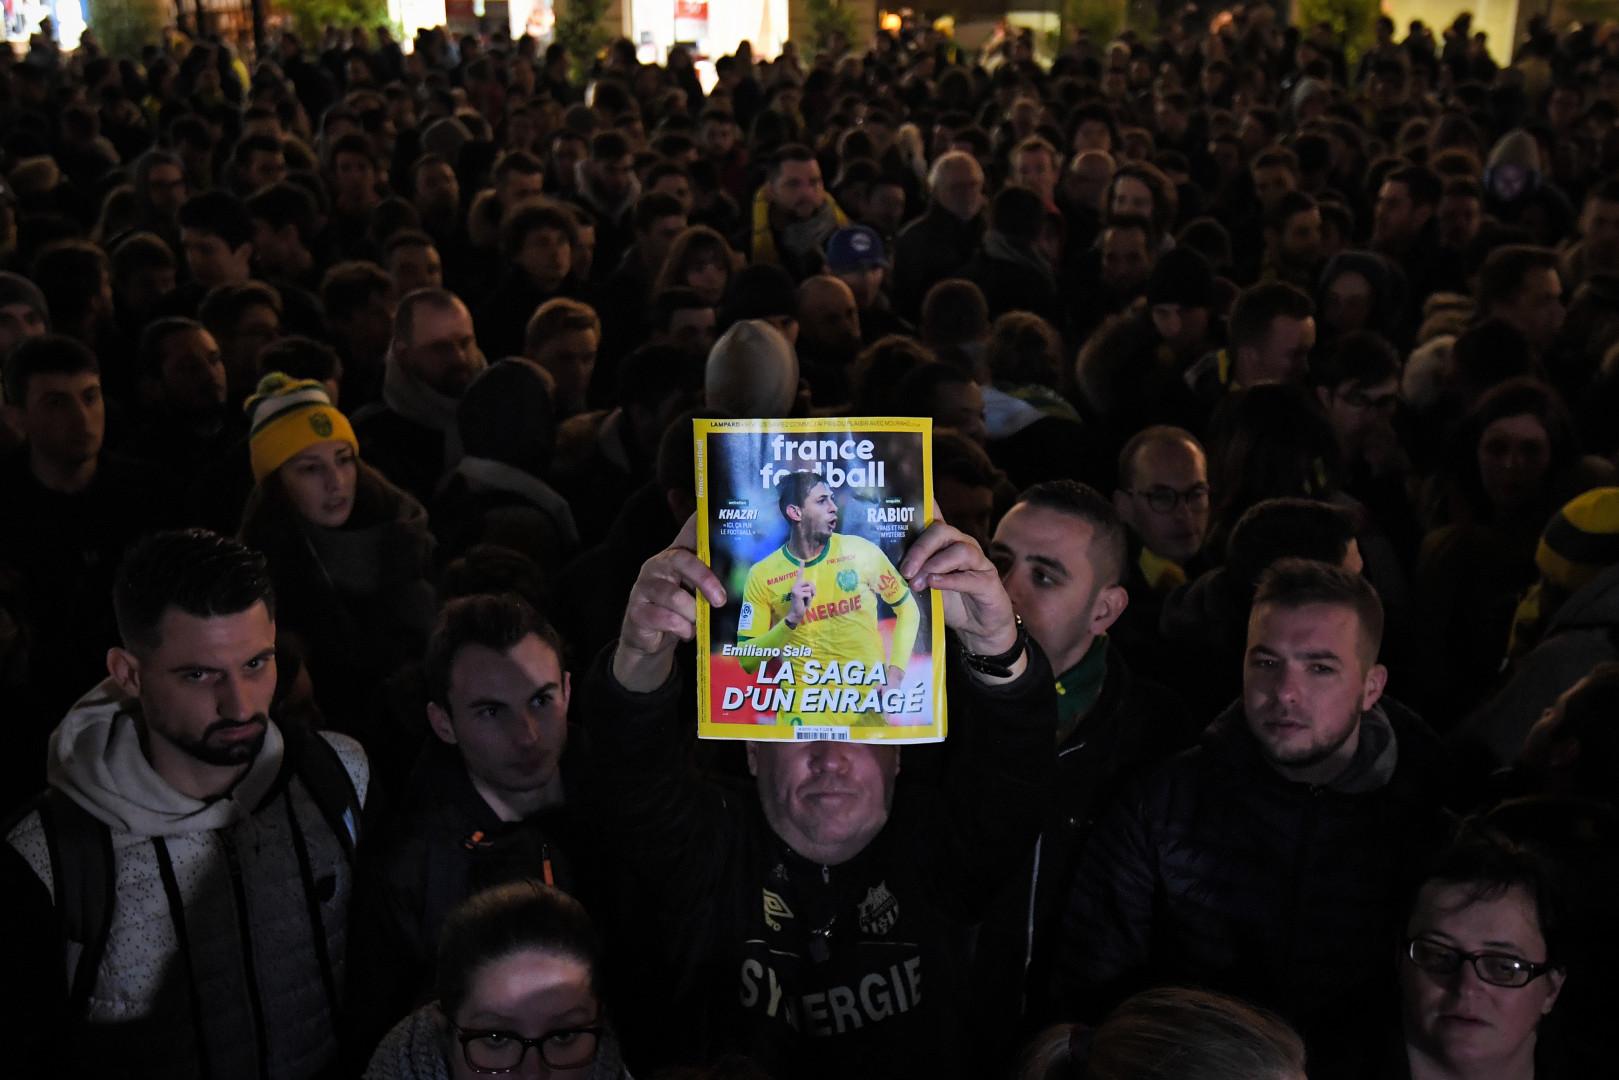 Des supporters réunis à Nantes pour rendre hommage à Emiliano Sala